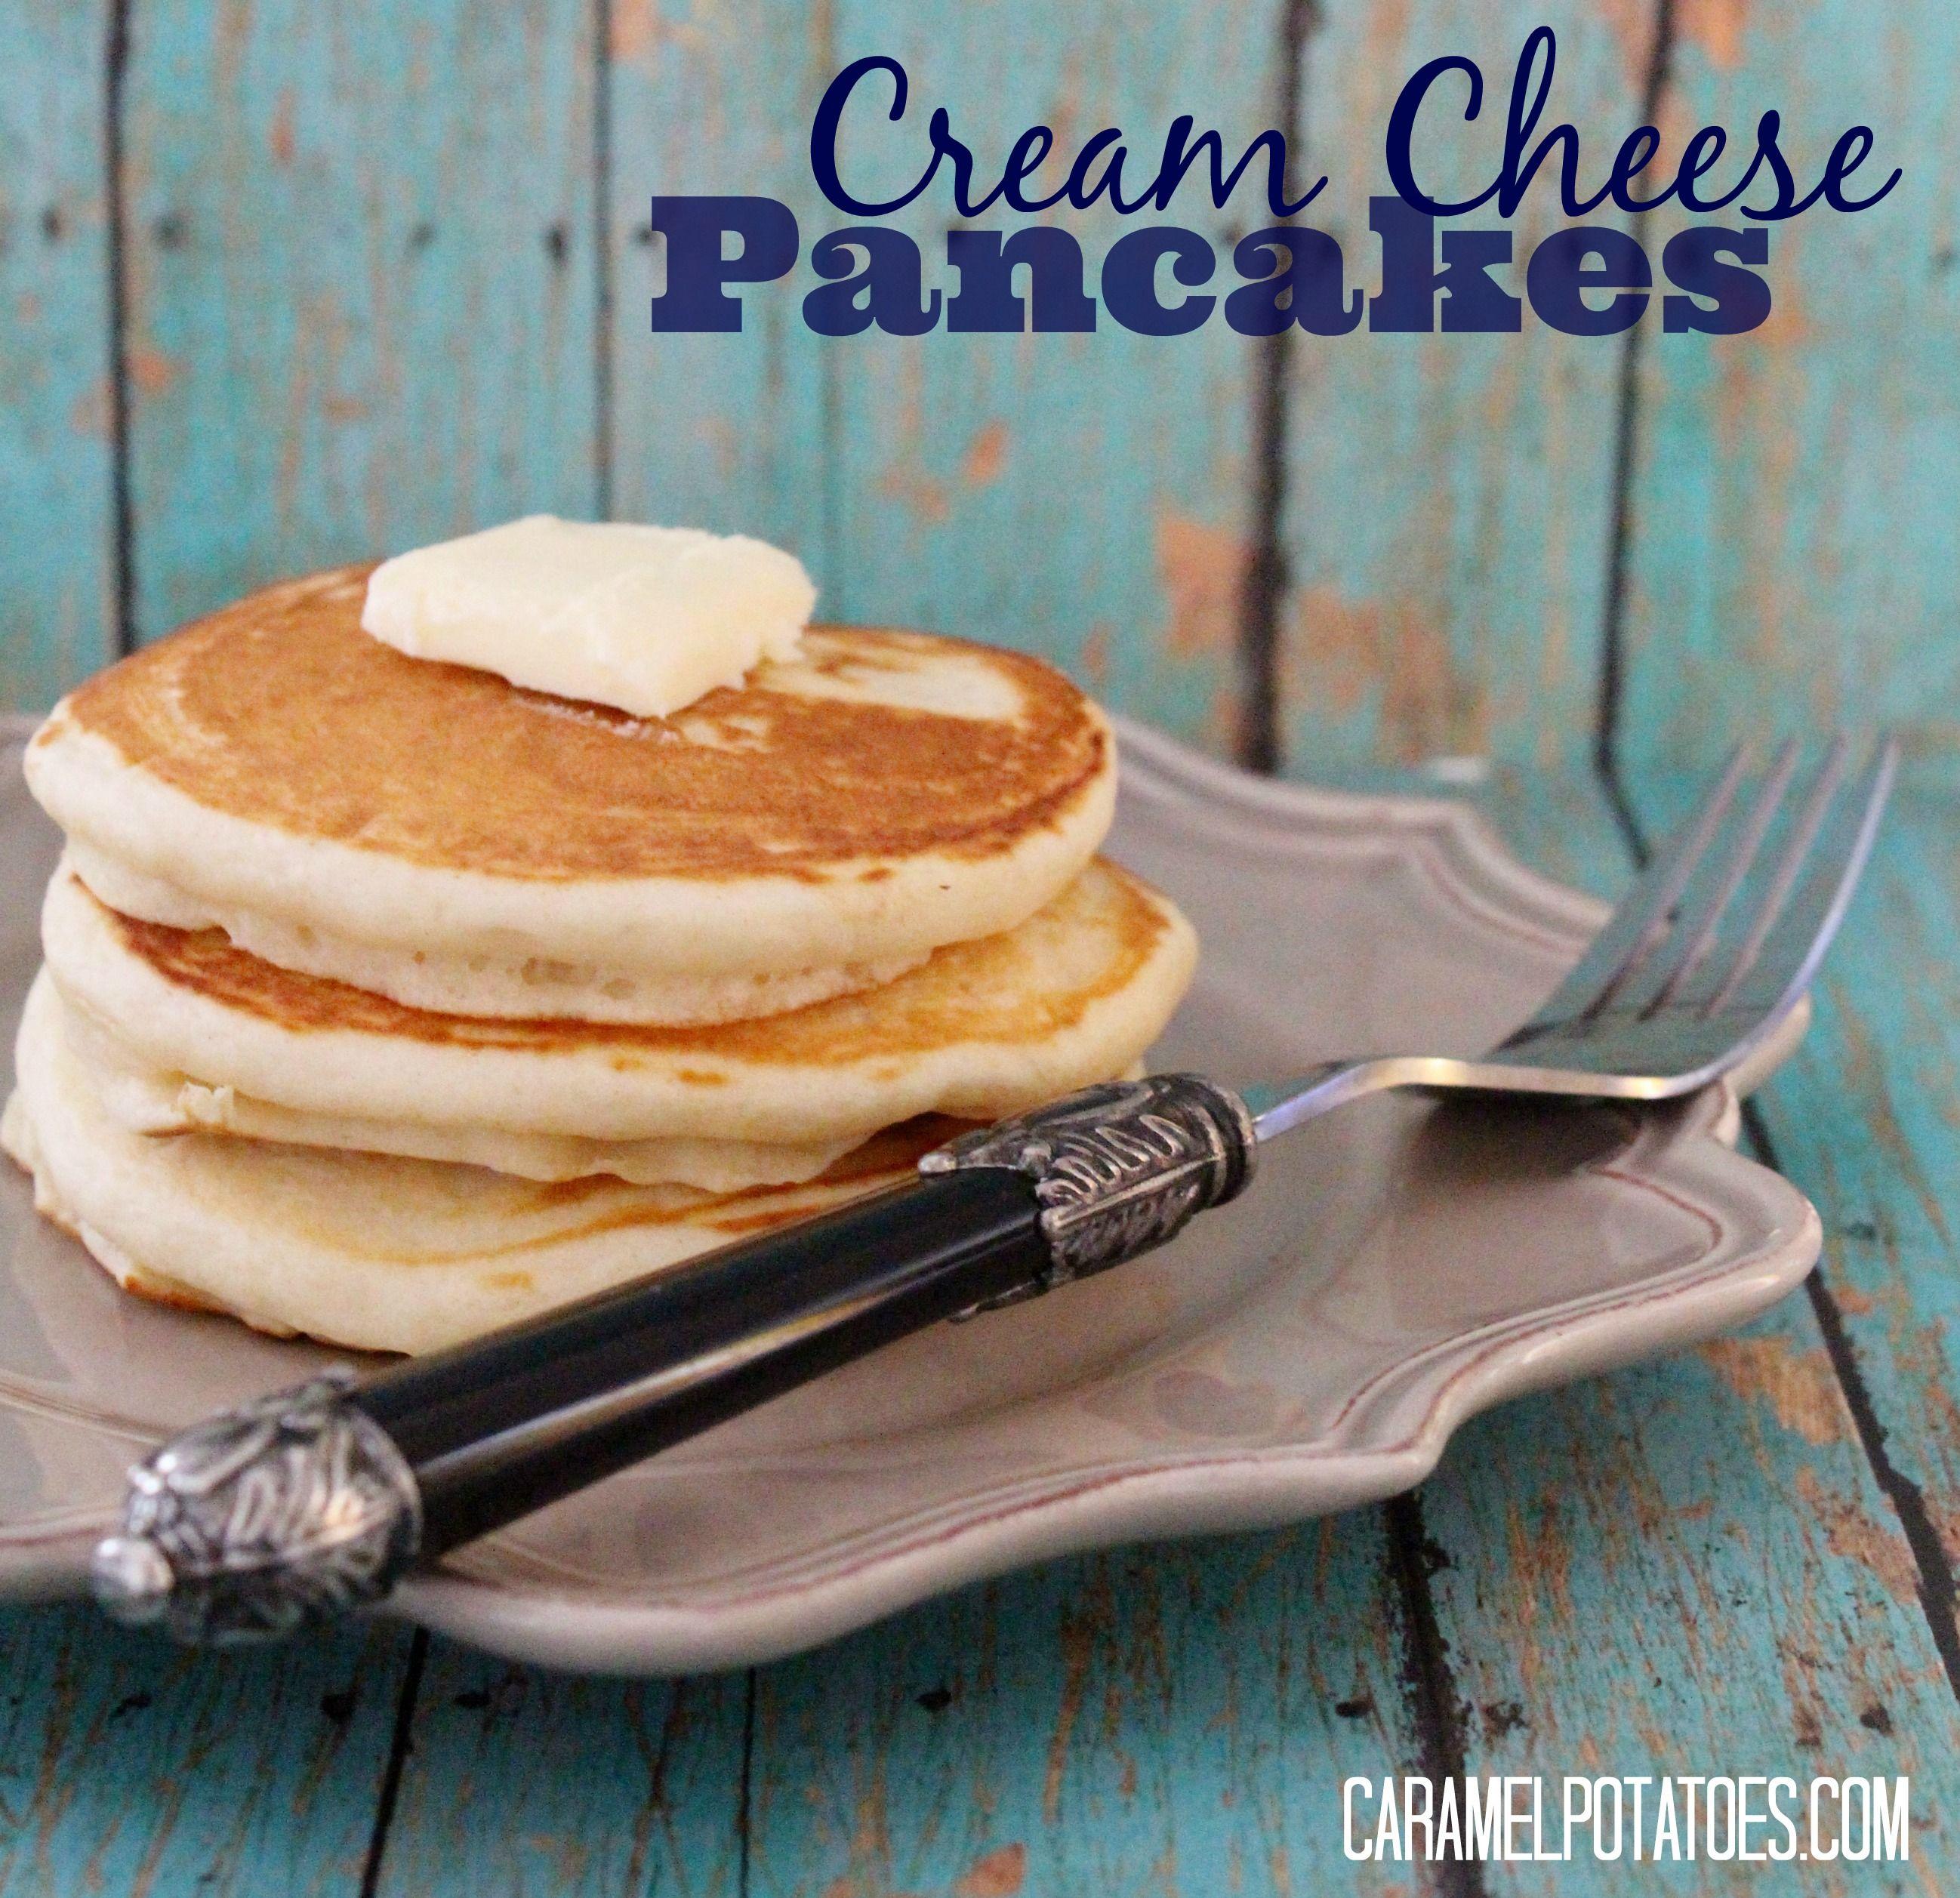 Cream Cheese Pancakes Cream Cheese Pancakes Breakfast Brunch Recipes Yummy Breakfast